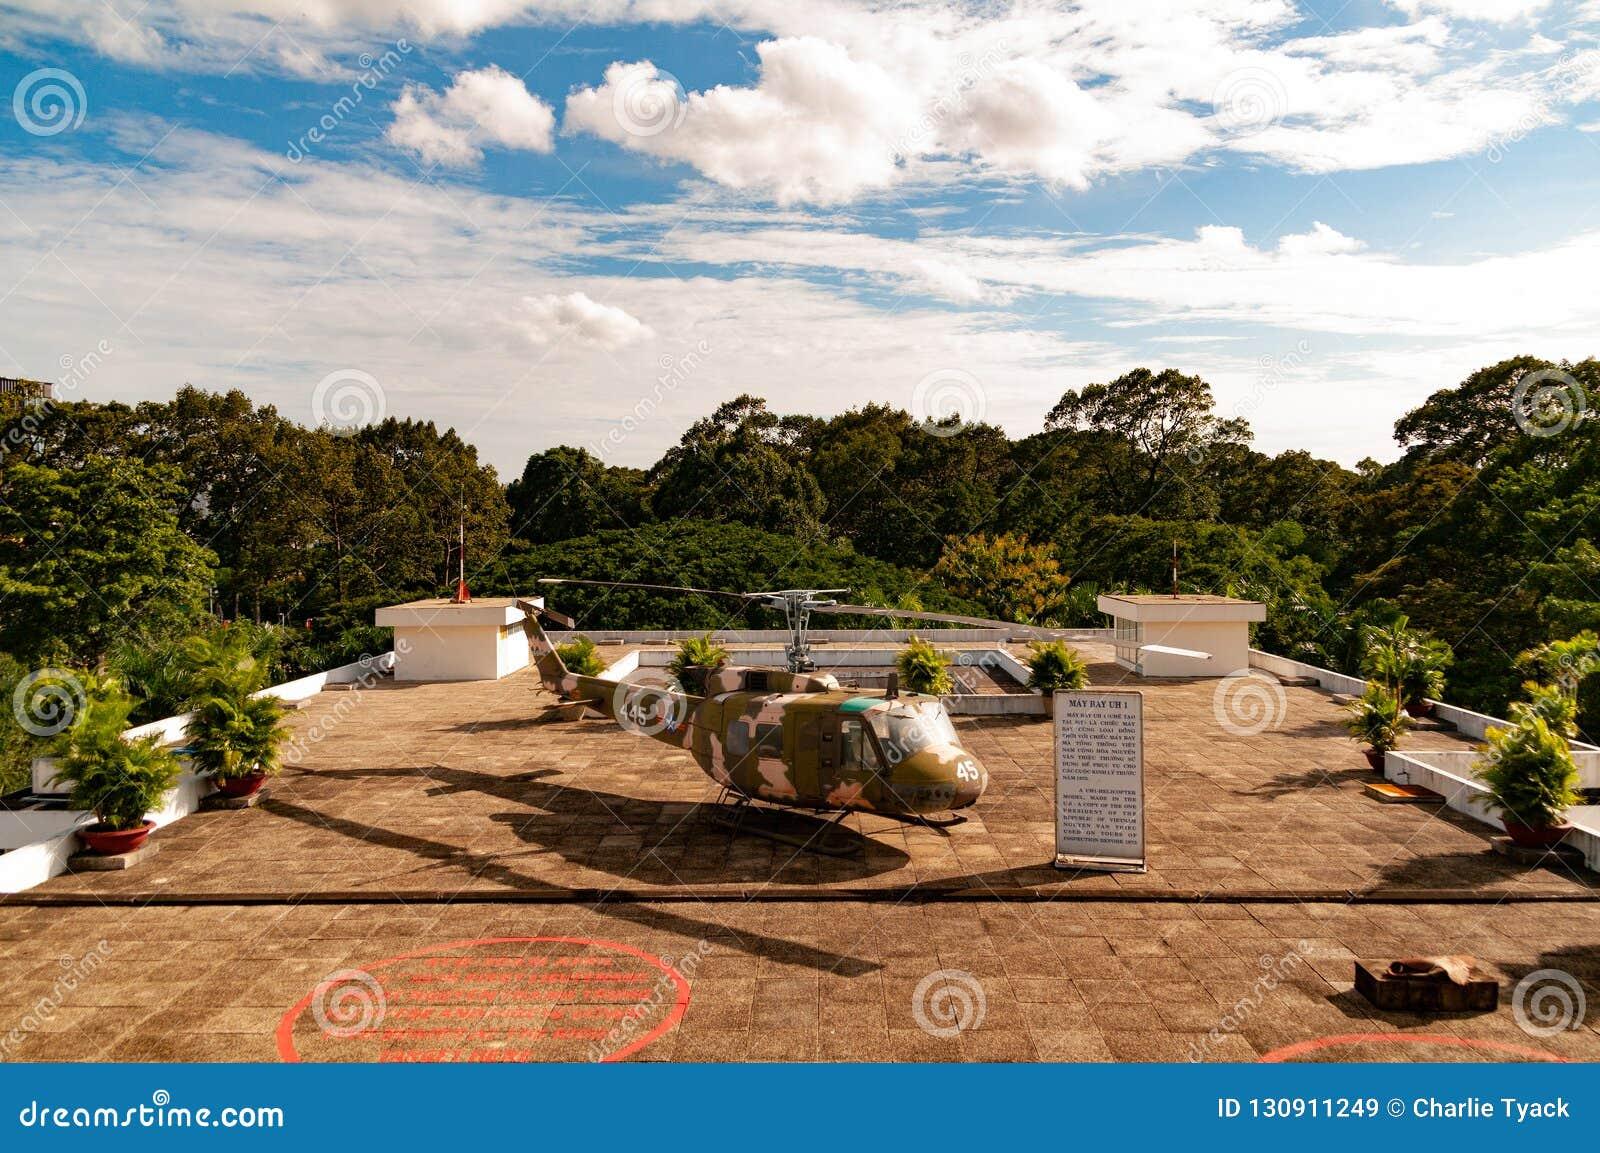 Ελικόπτερο στη στέγη του παλατιού ανεξαρτησίας, Saigon, Βιετνάμ - χρωματίστε την έκδοση